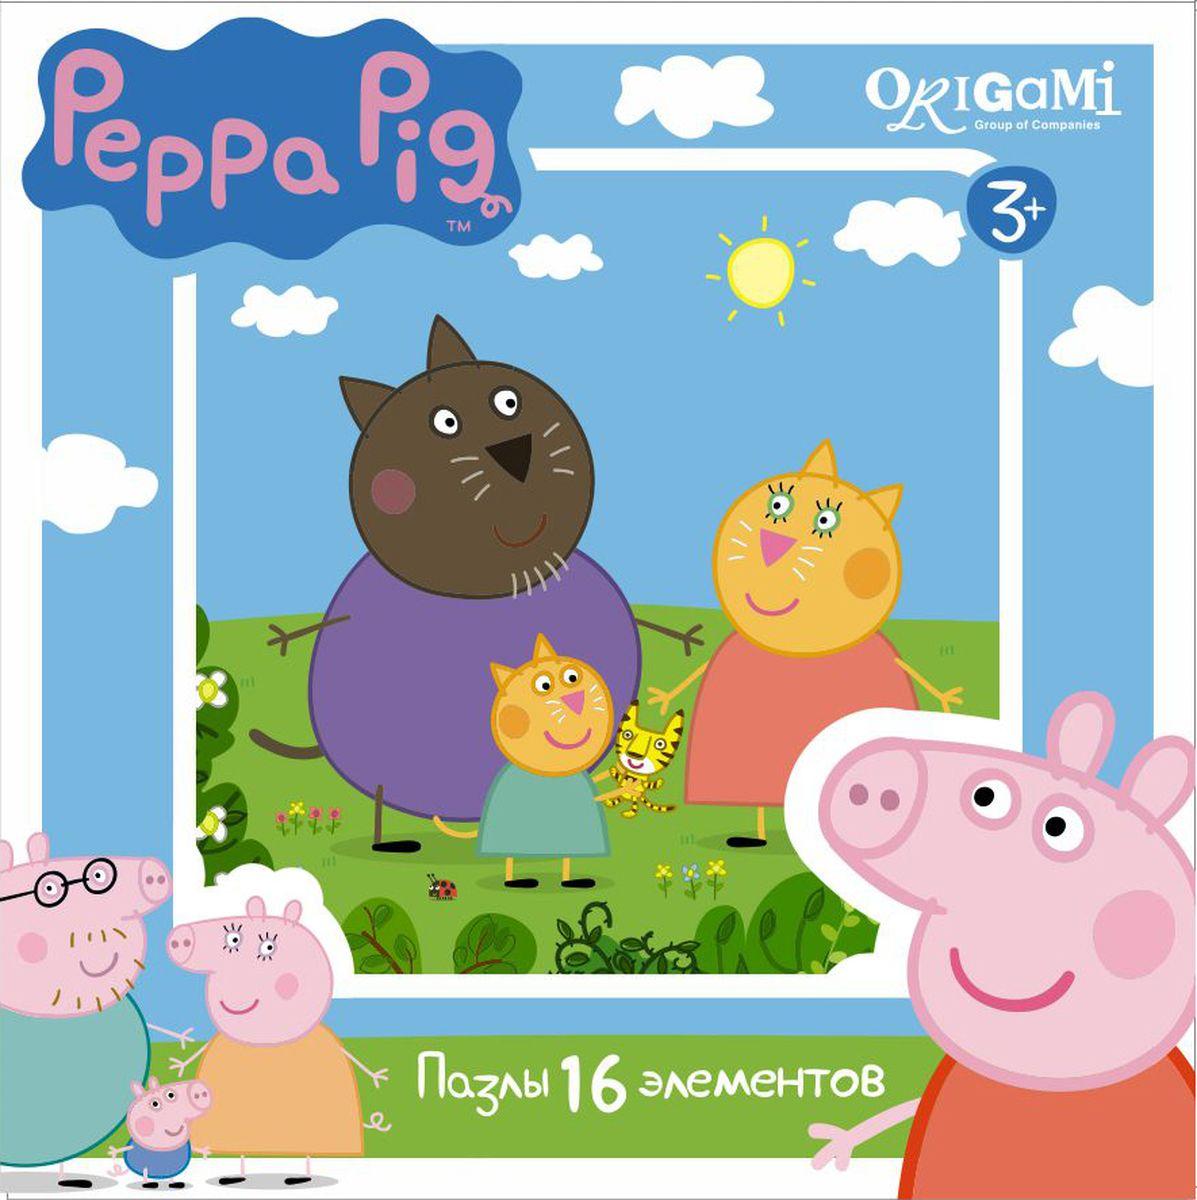 Оригами Пазл Peppa Pig 16A 0157801578Пазл Peppa Pig на 16 деталей. Пазл за пазлом ребёнок будет узнавать о весёлых приключениях Свинки Пеппы. Составление пазла станет развивающим досугом для малыша, т.к. тренирует пространственное мышление, моторику рук, а так же подарит хорошее настроение.